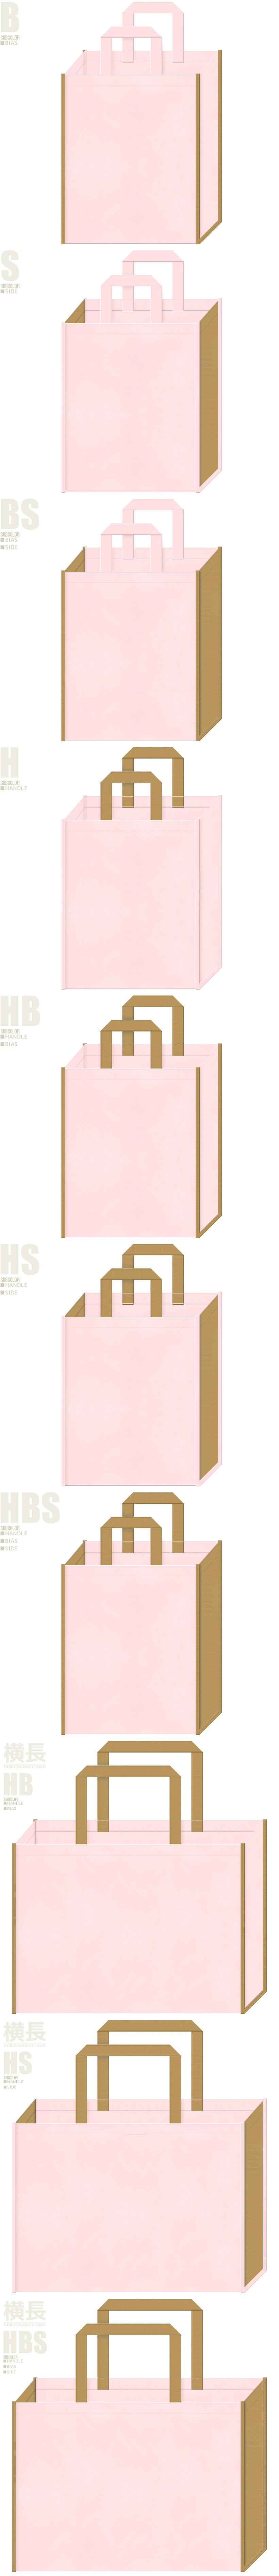 桜色と金色系黄土色、7パターンの不織布トートバッグ配色デザイン例。girlyな不織布バッグにお奨めです。